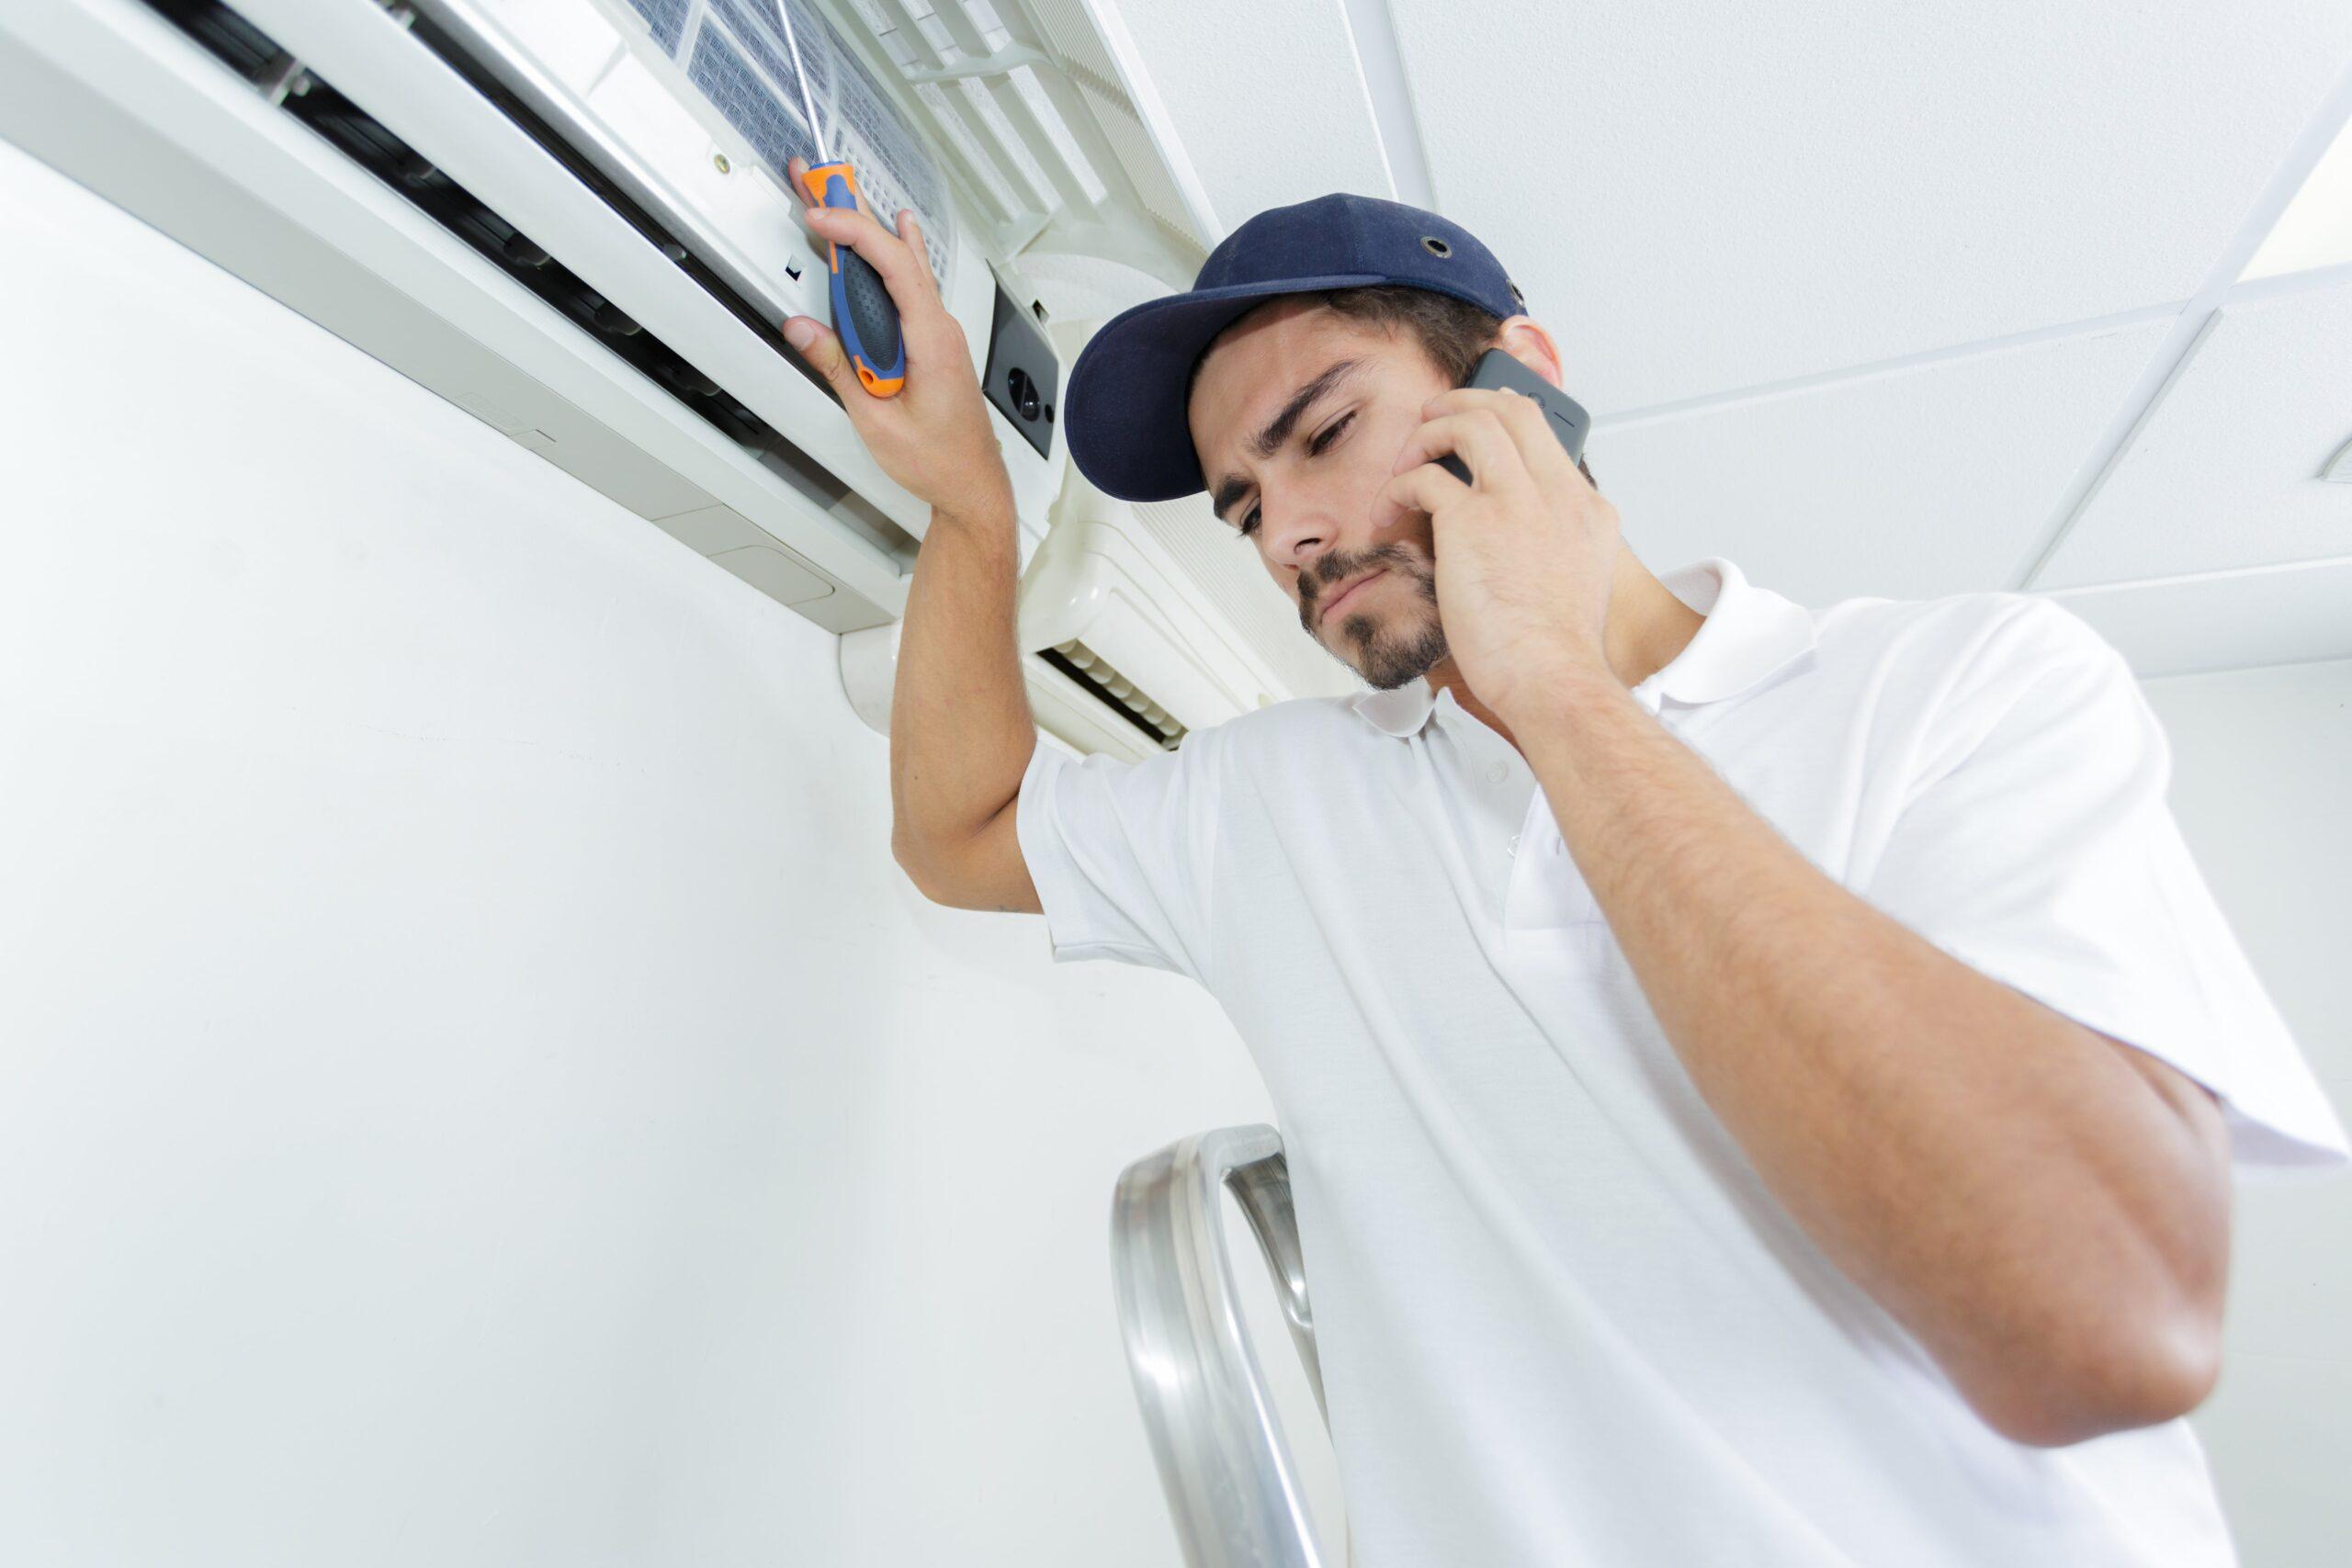 業務用エアコンが効かない、故障?それとも不調なだけ?